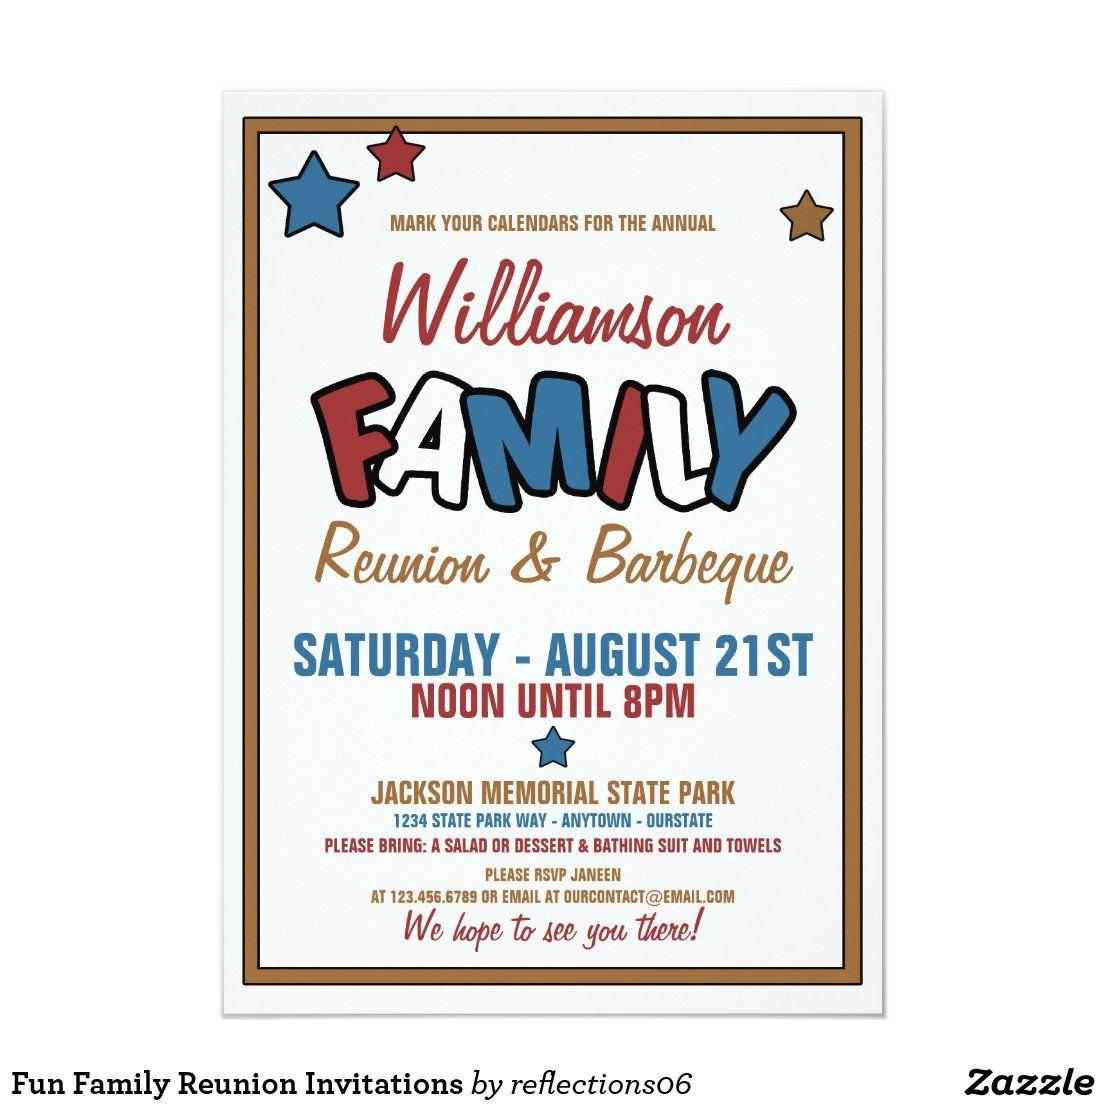 Fun Family Reunion Invitations Zazzle Com Family Reunion Invitations Family Reunion Invitations Templates Reunion Invitations